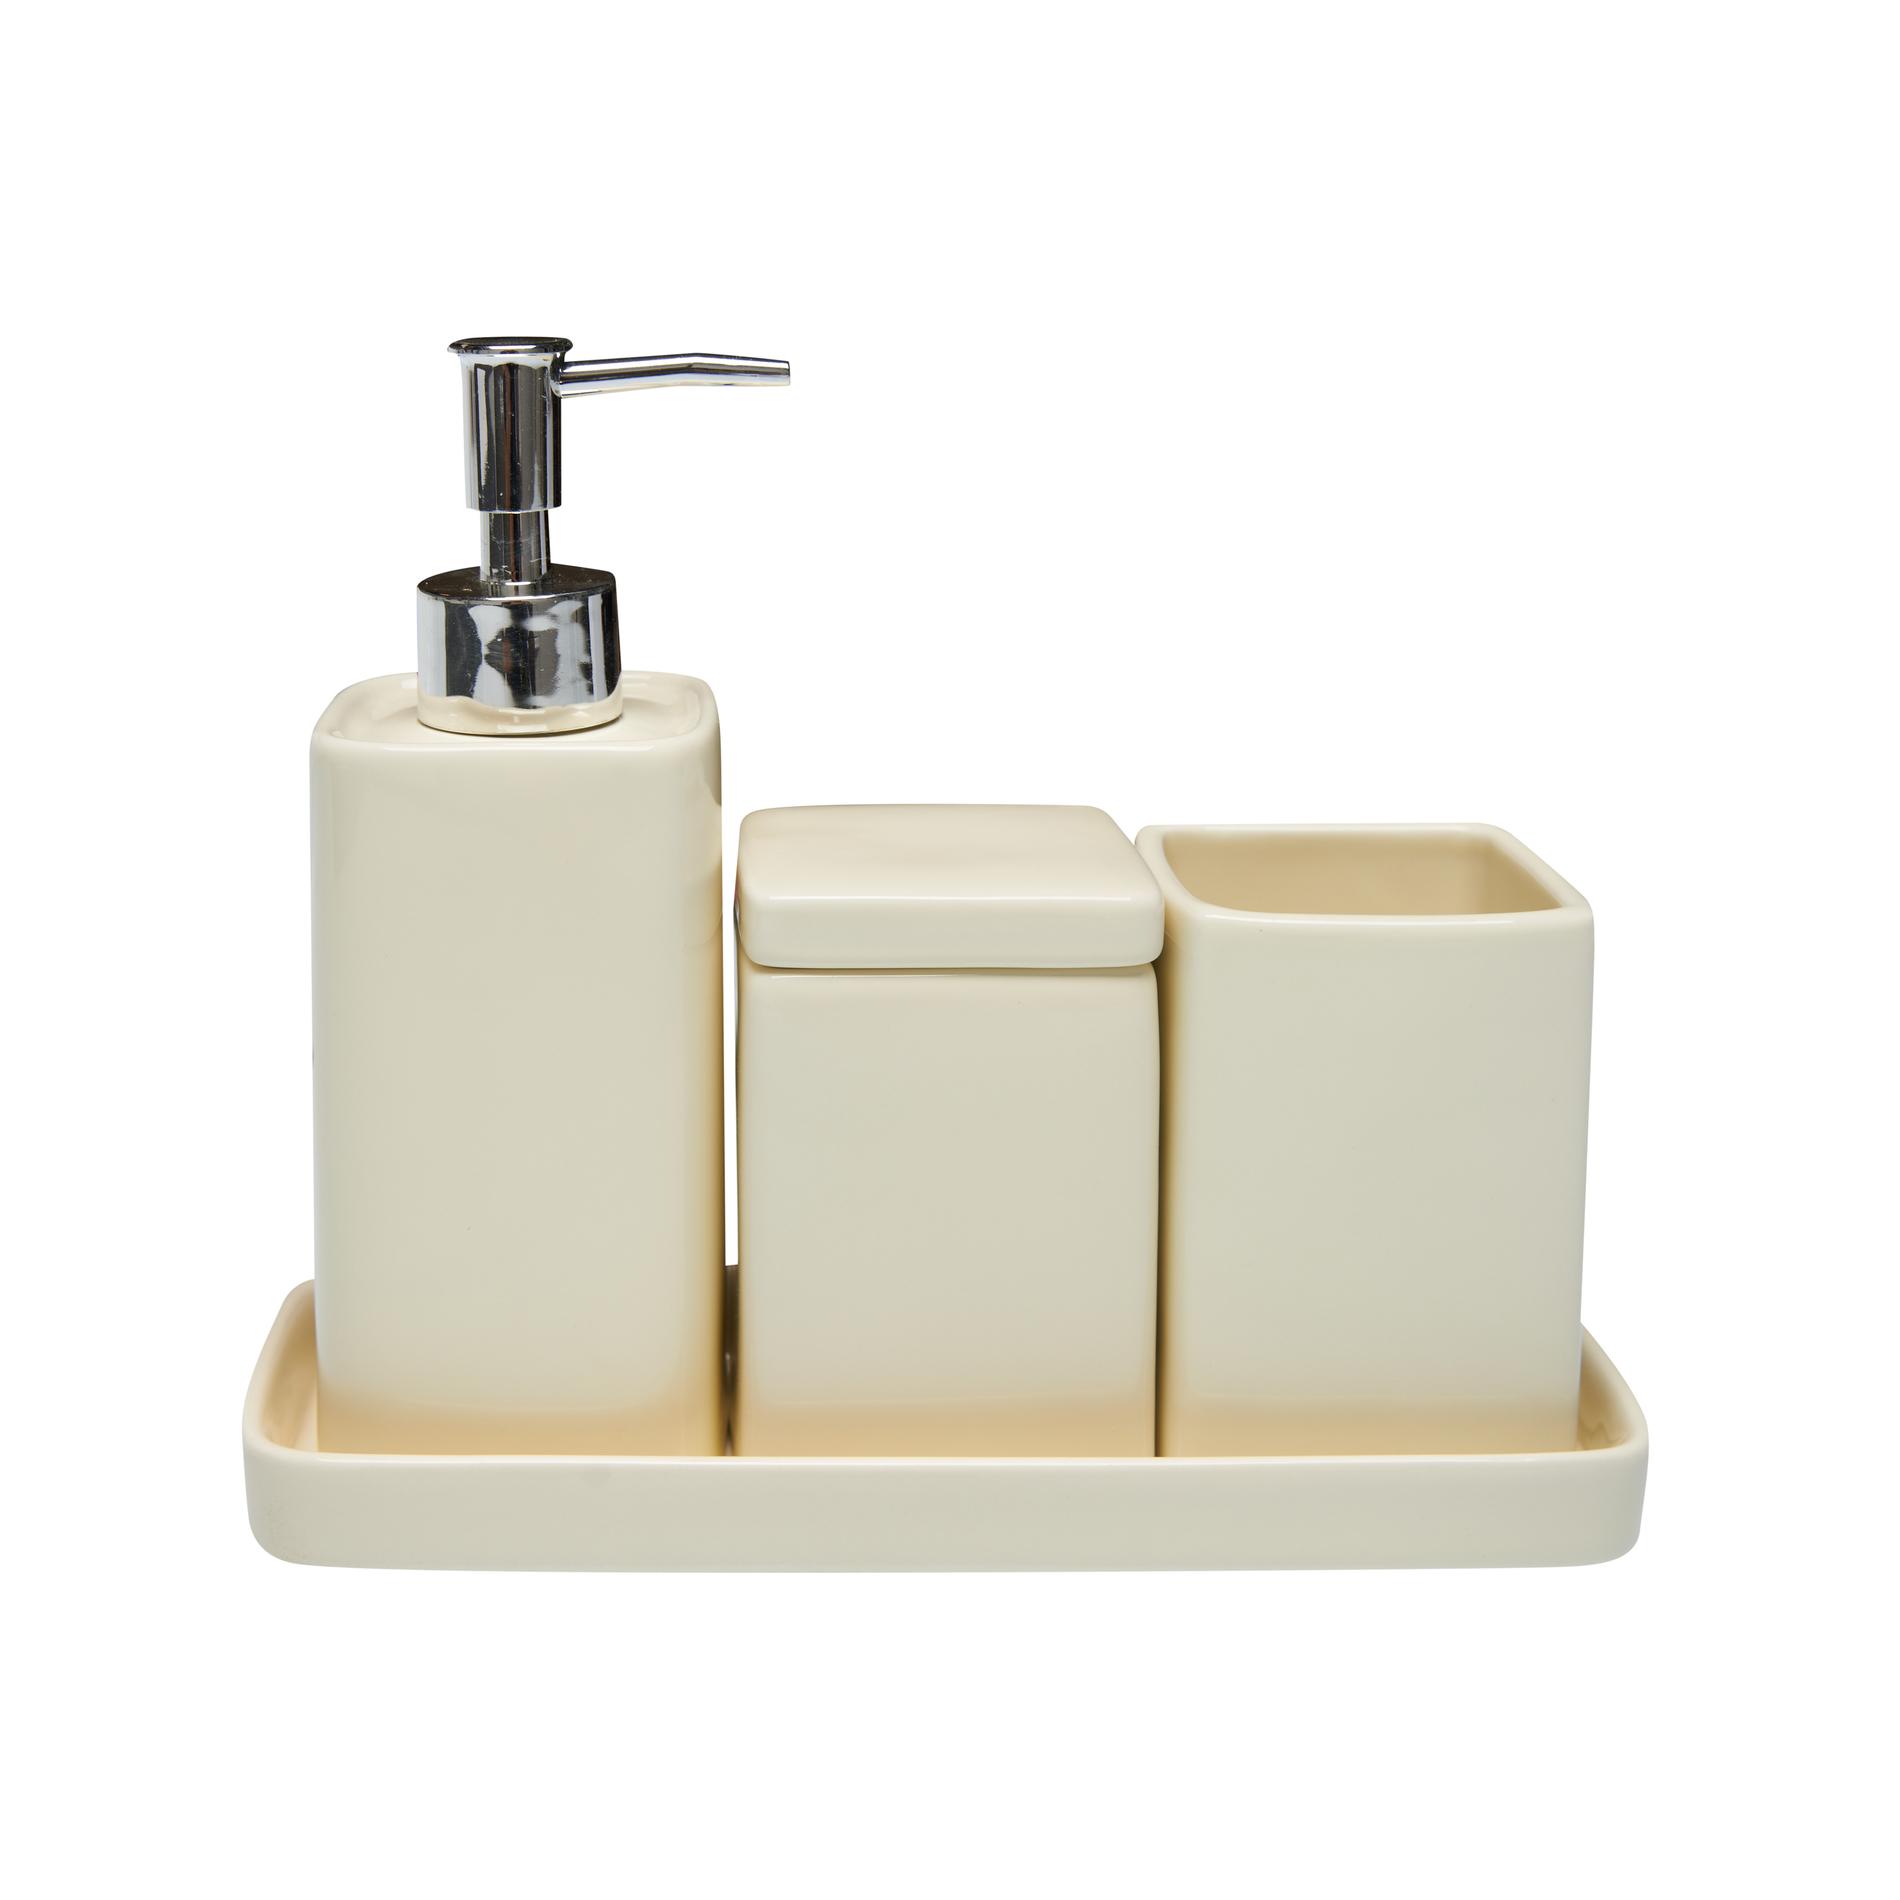 awesome accessori bagno prezzi gallery - ameripest.us - ameripest.us - Feman Arredo Bagno